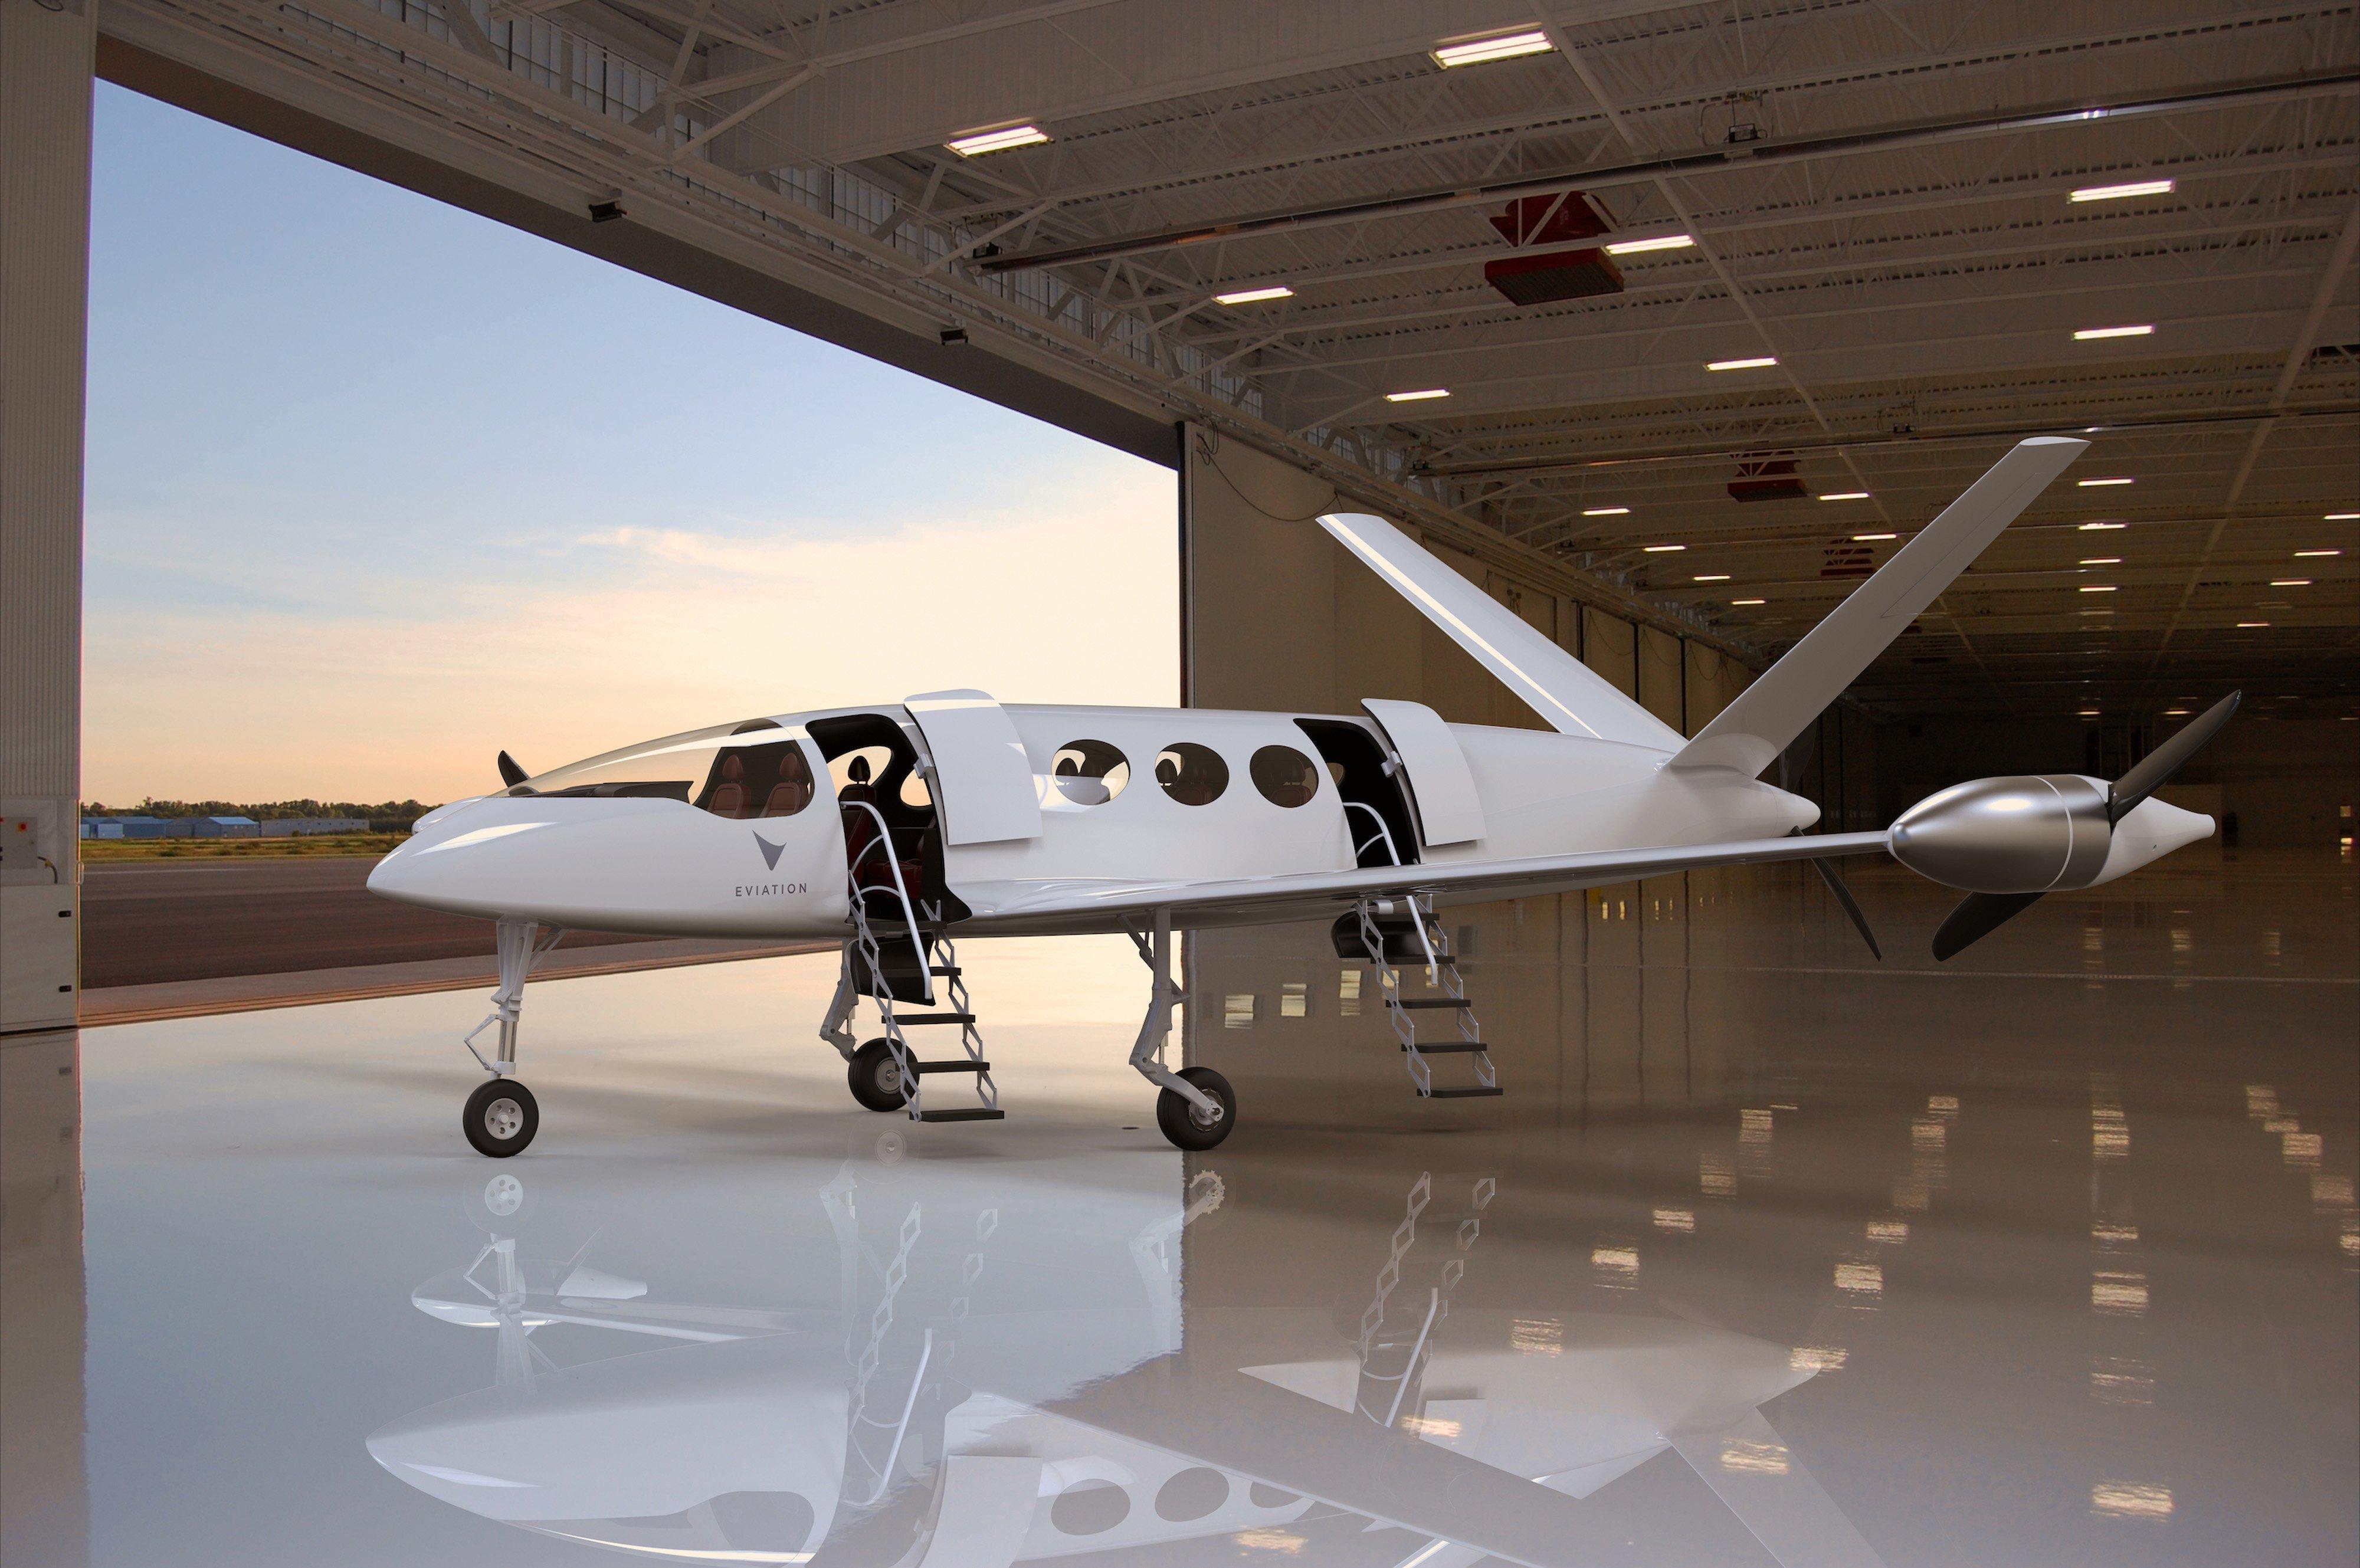 Алиса, полностью электрический прототип пригородного самолета Eviation Aircraft